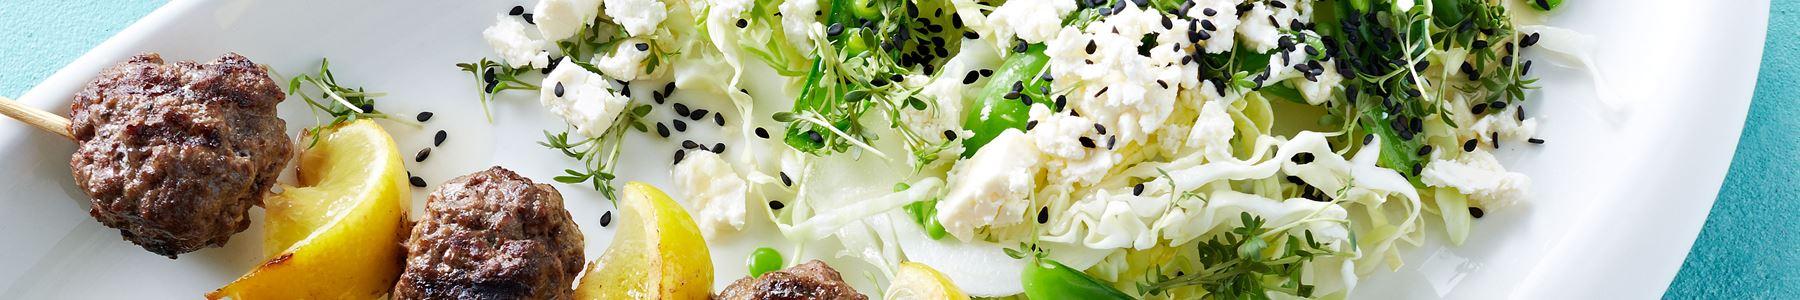 Salater + Spidskål + Grill